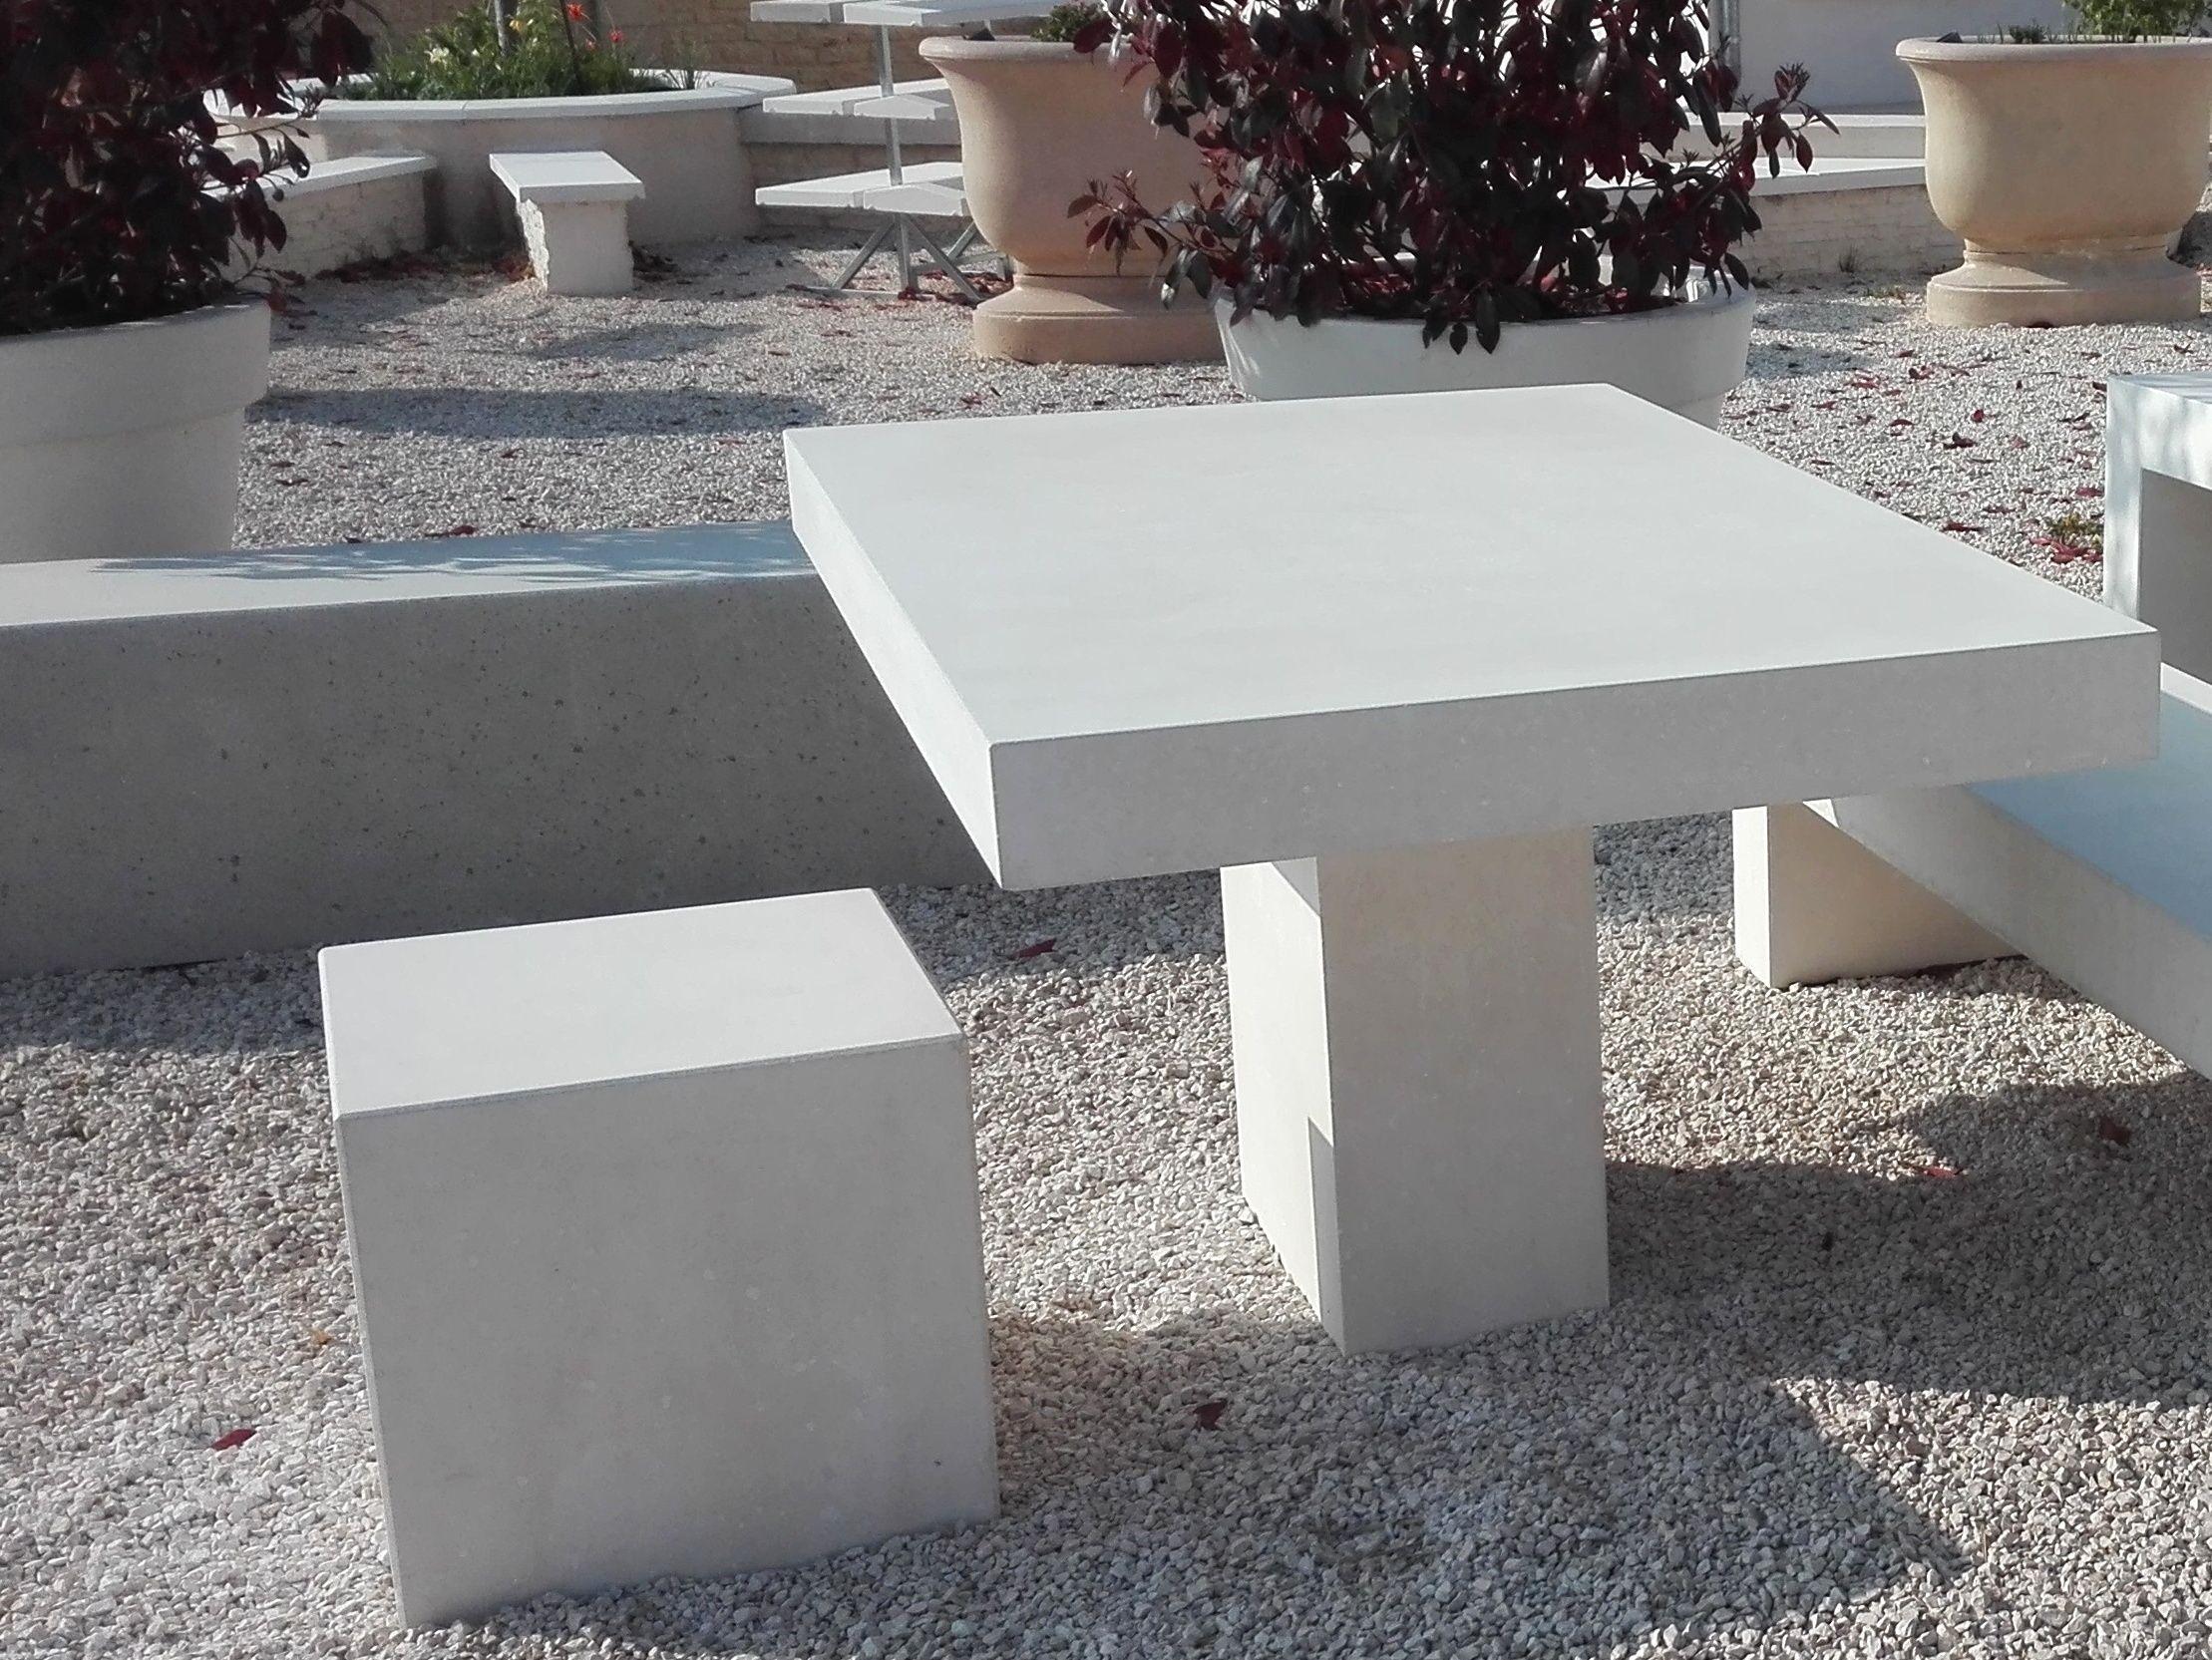 Cube En Beton Lisse Mobilier Urbain Pierre Reconstituee Decor Furniture Table